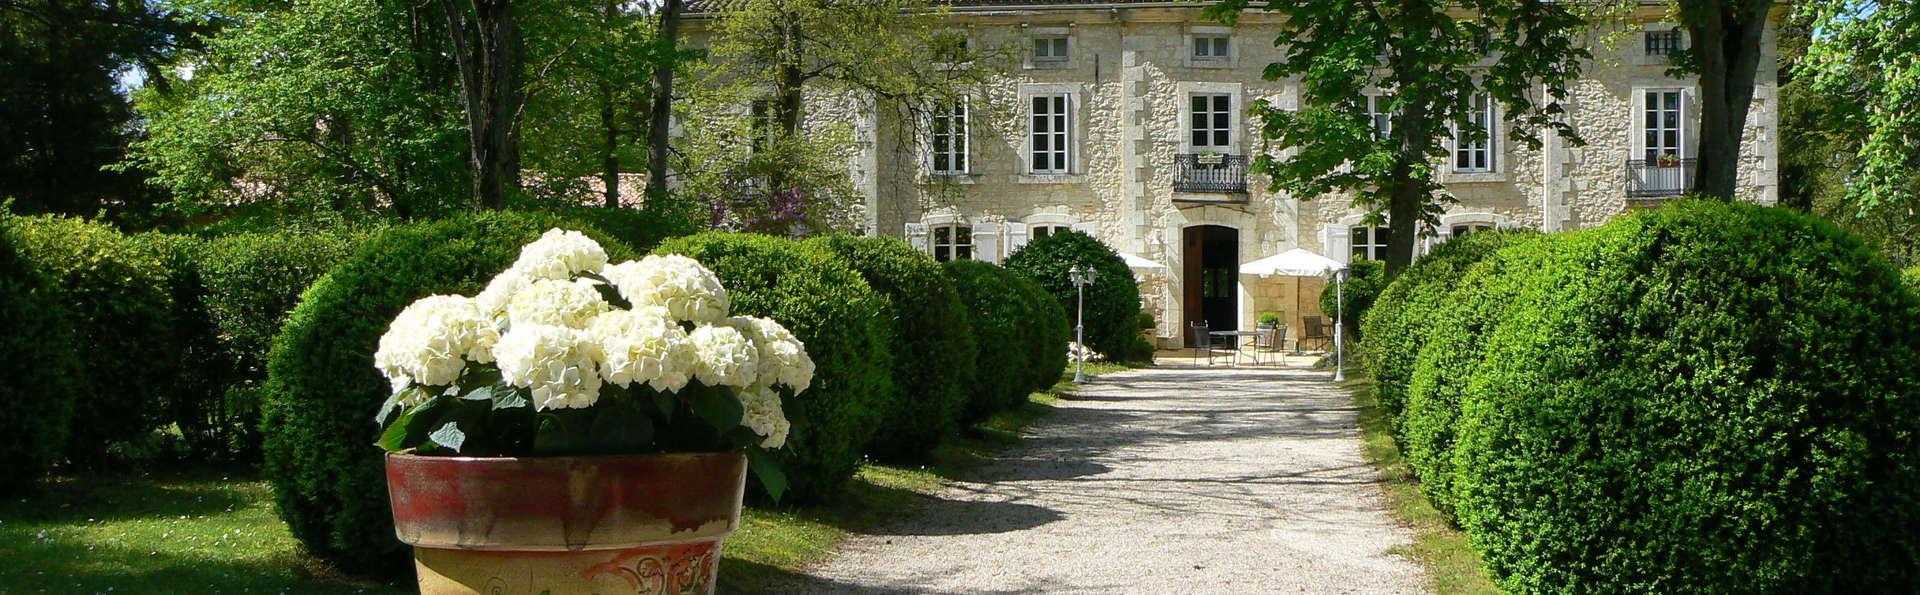 Château de l'Hoste - Entree2.JPG